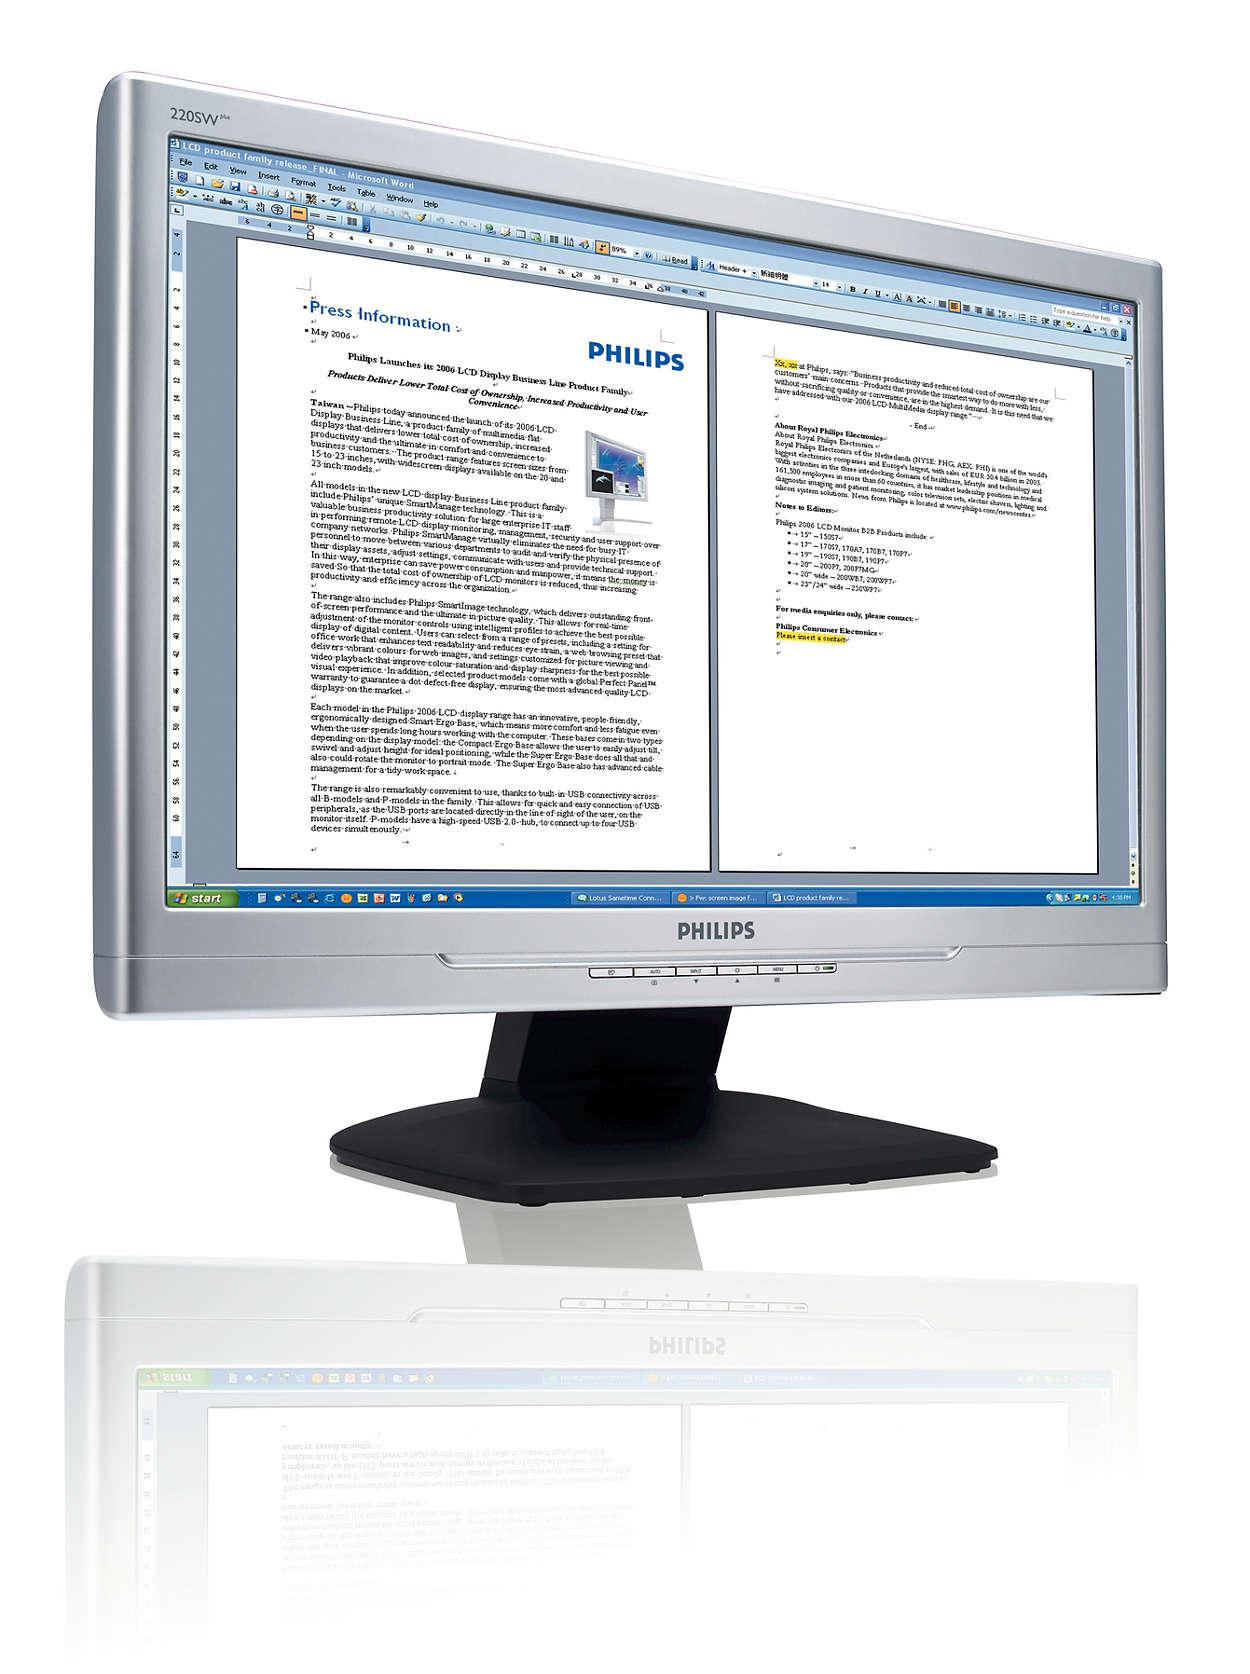 Adopte a produtividade dos monitores panorâmicos